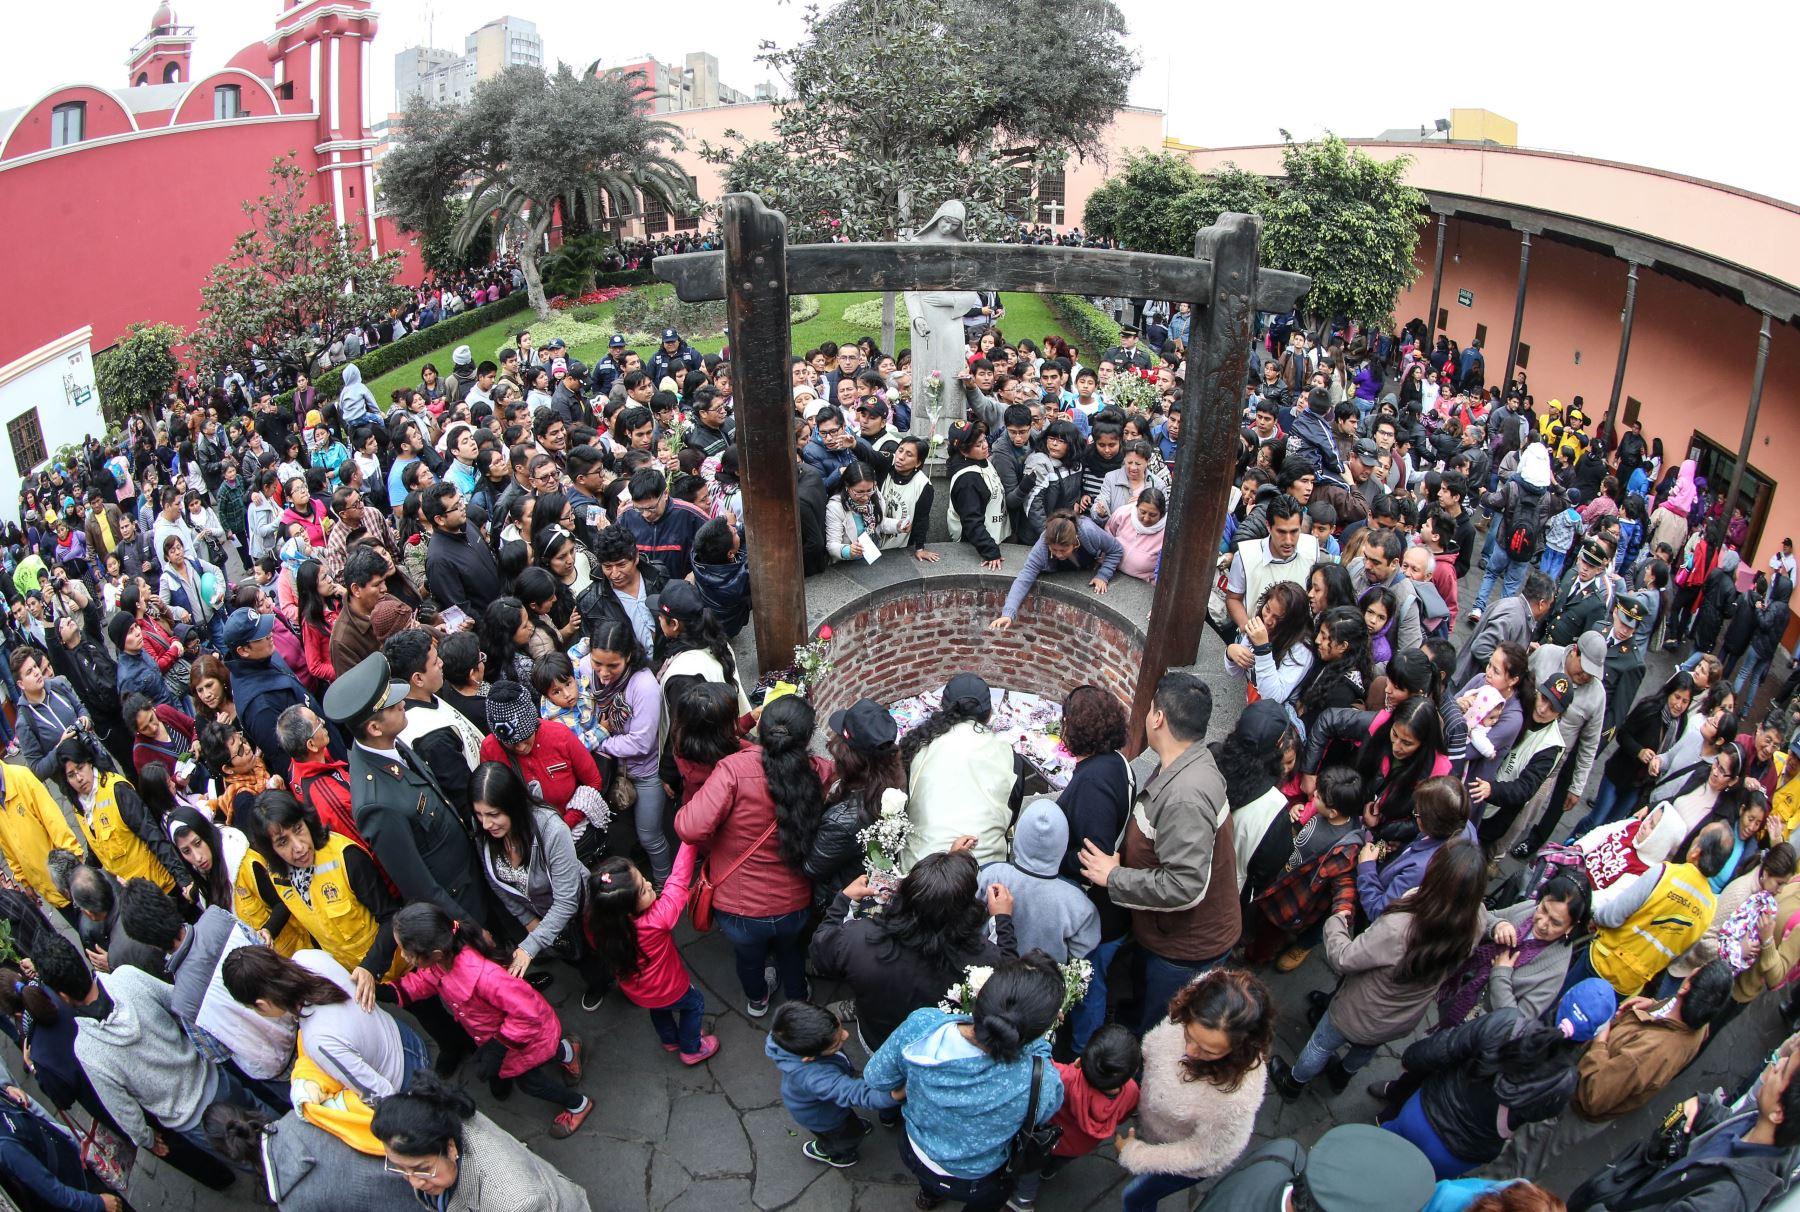 LIMA PERÚ, AGOSTO 30. Miles de fieles se aglomeran en el santuario de Santa Rosa de Lima, para dejar sus cartas en el tradicional pozo de los deseos y rendir homenaje a la santa limeña en su día. Foto: ANDINA/ Vidal Tarqui